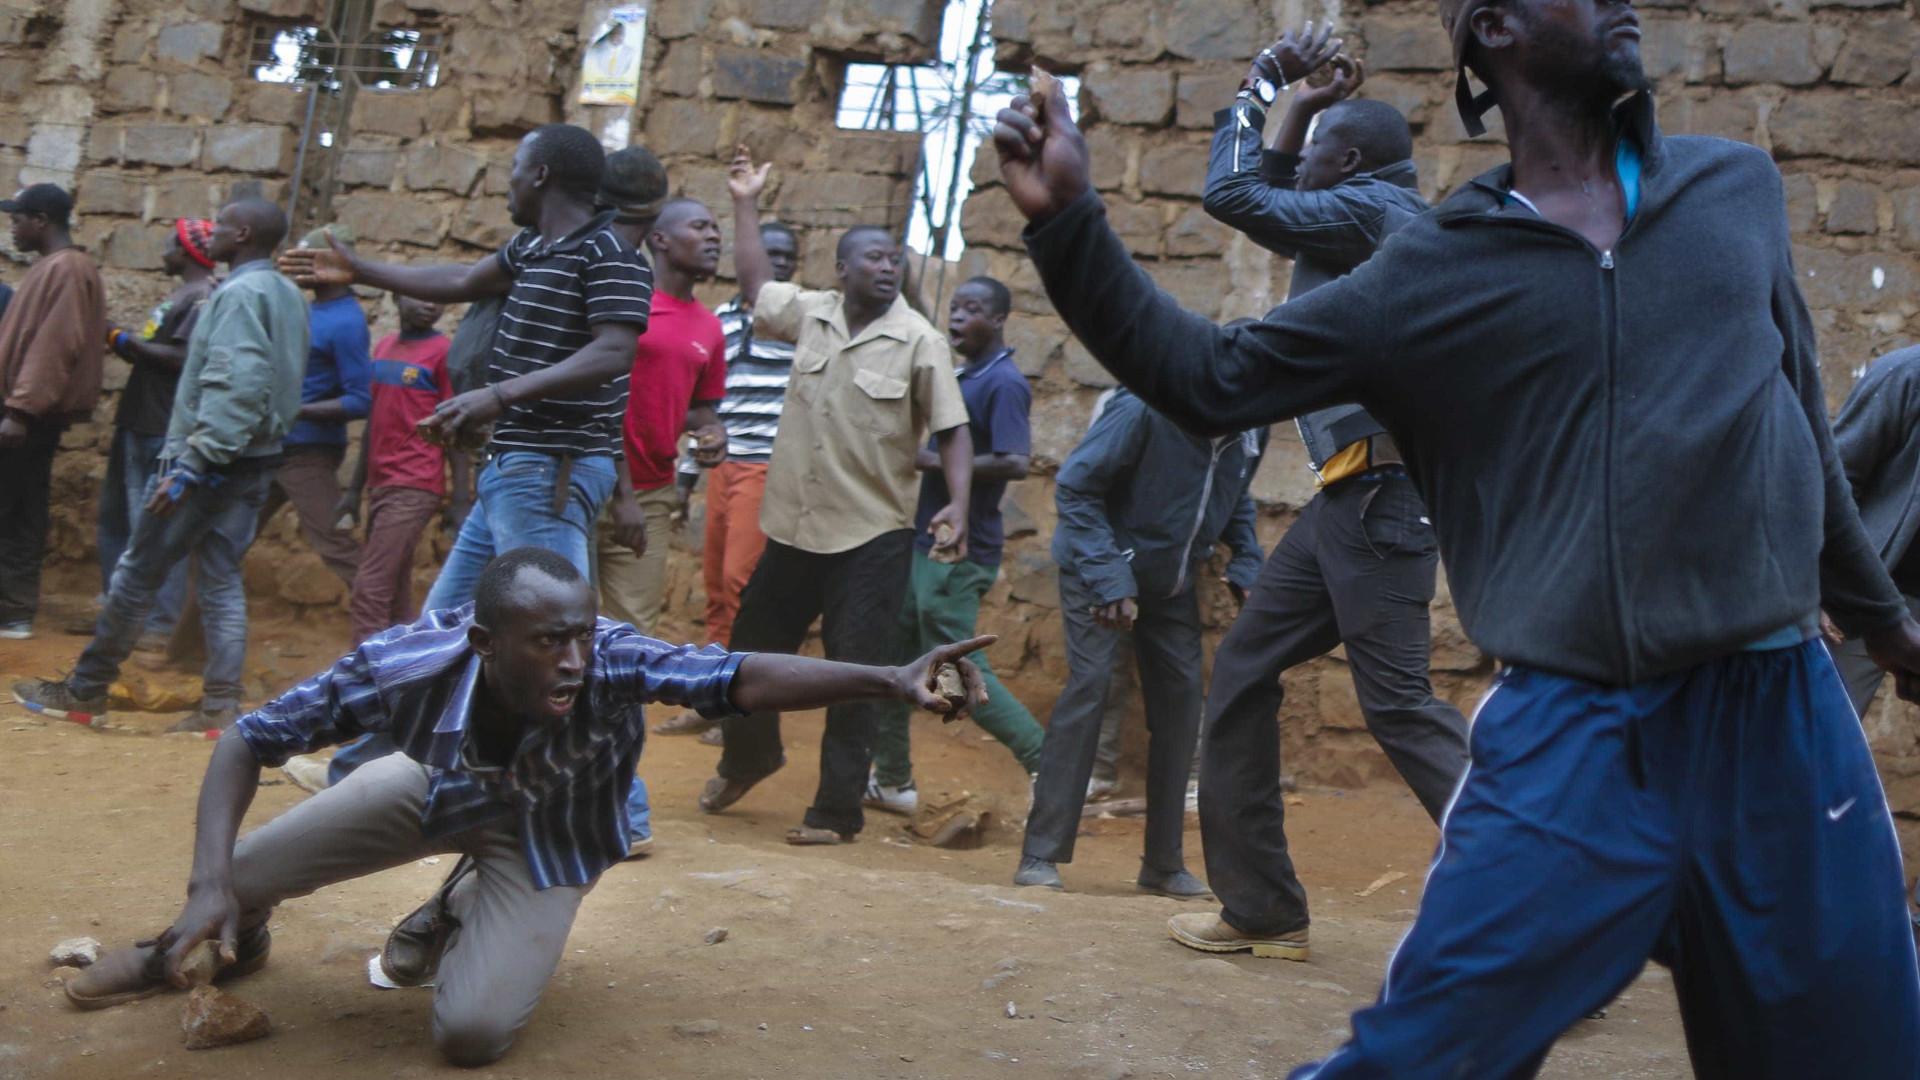 Violentos confrontos na periferia de Nairobi, no Quénia